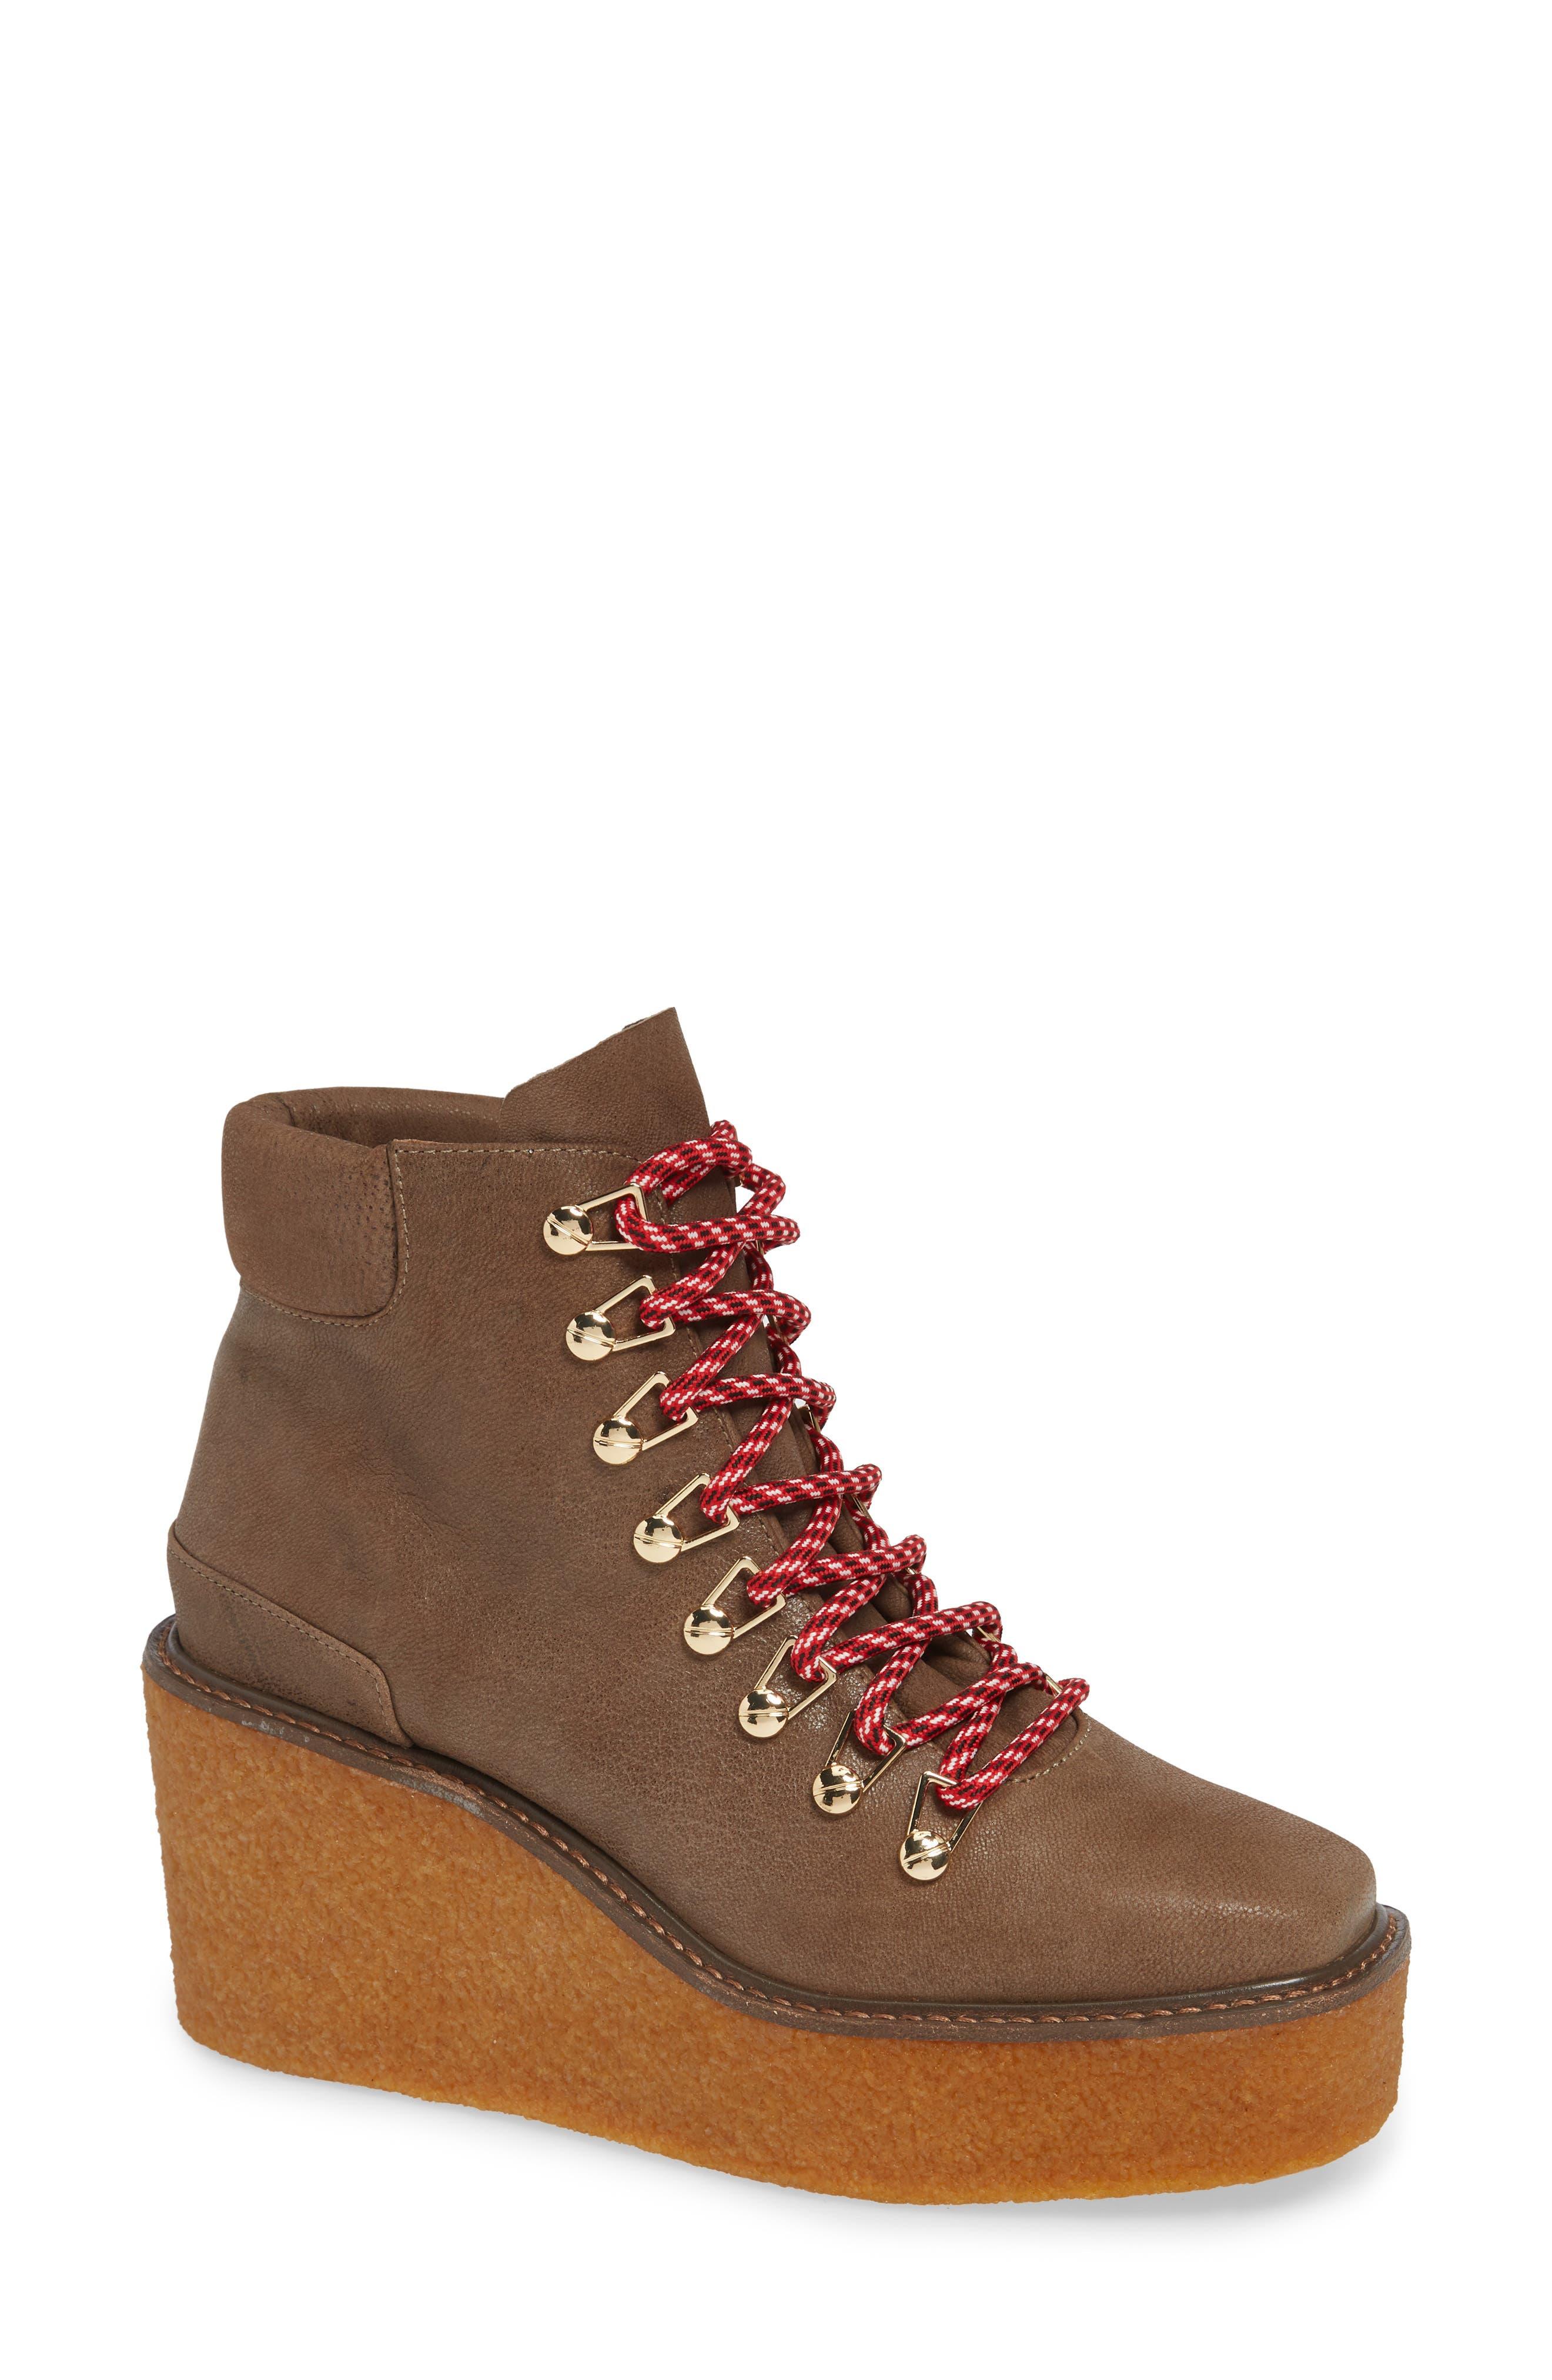 Helga Platform Wedge Sneaker in Natural